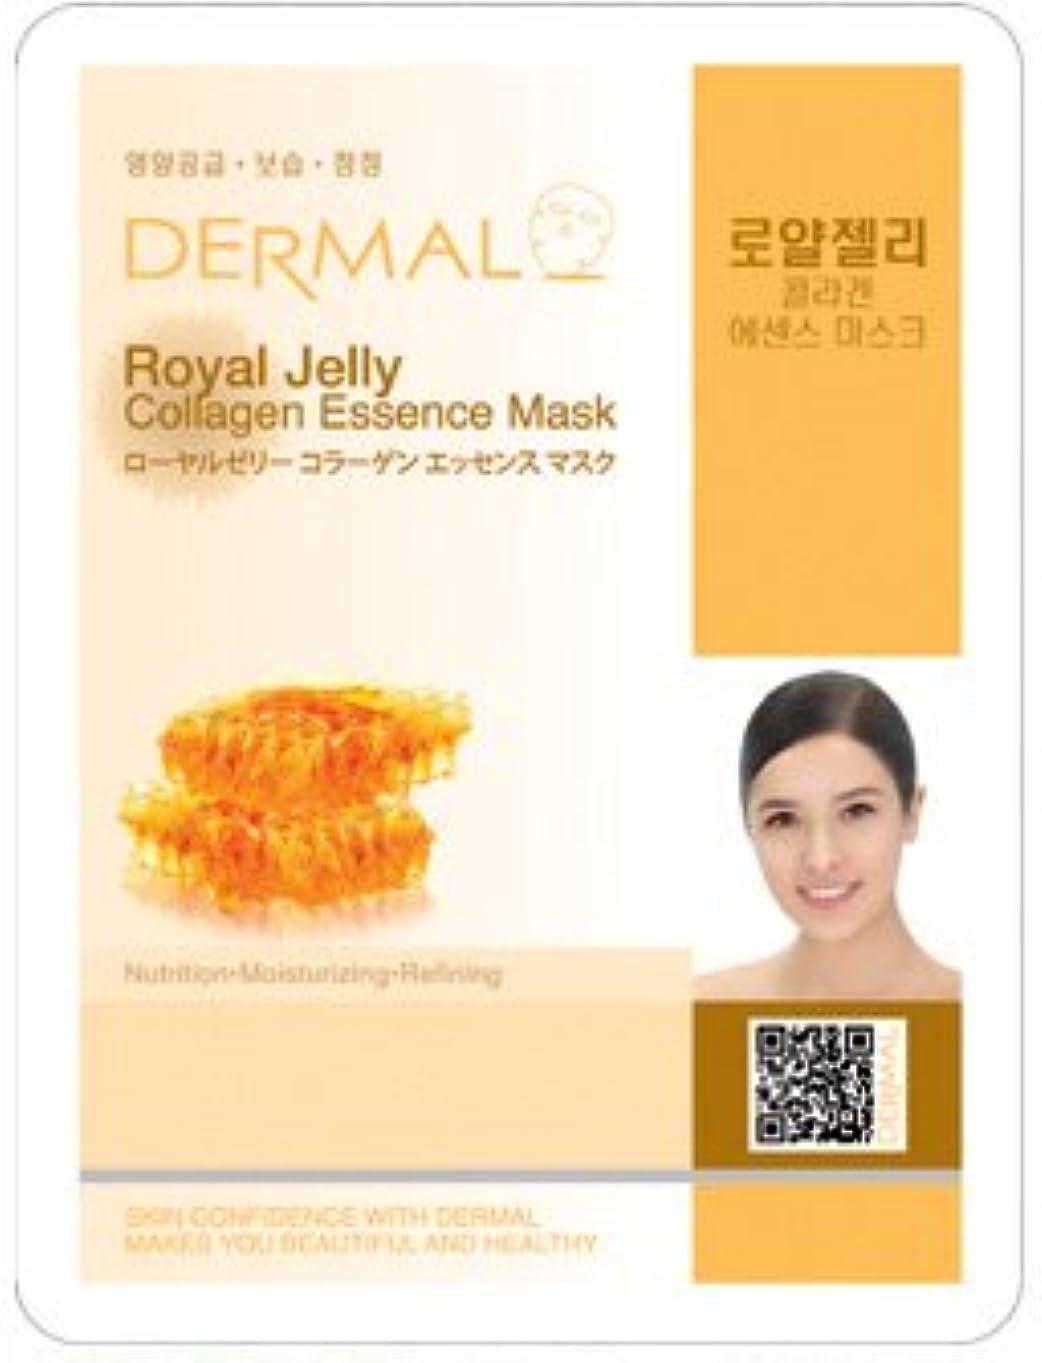 幸福検出可能分散シートマスク ローヤルゼリー 10枚セット ダーマル(Dermal) フェイス パック